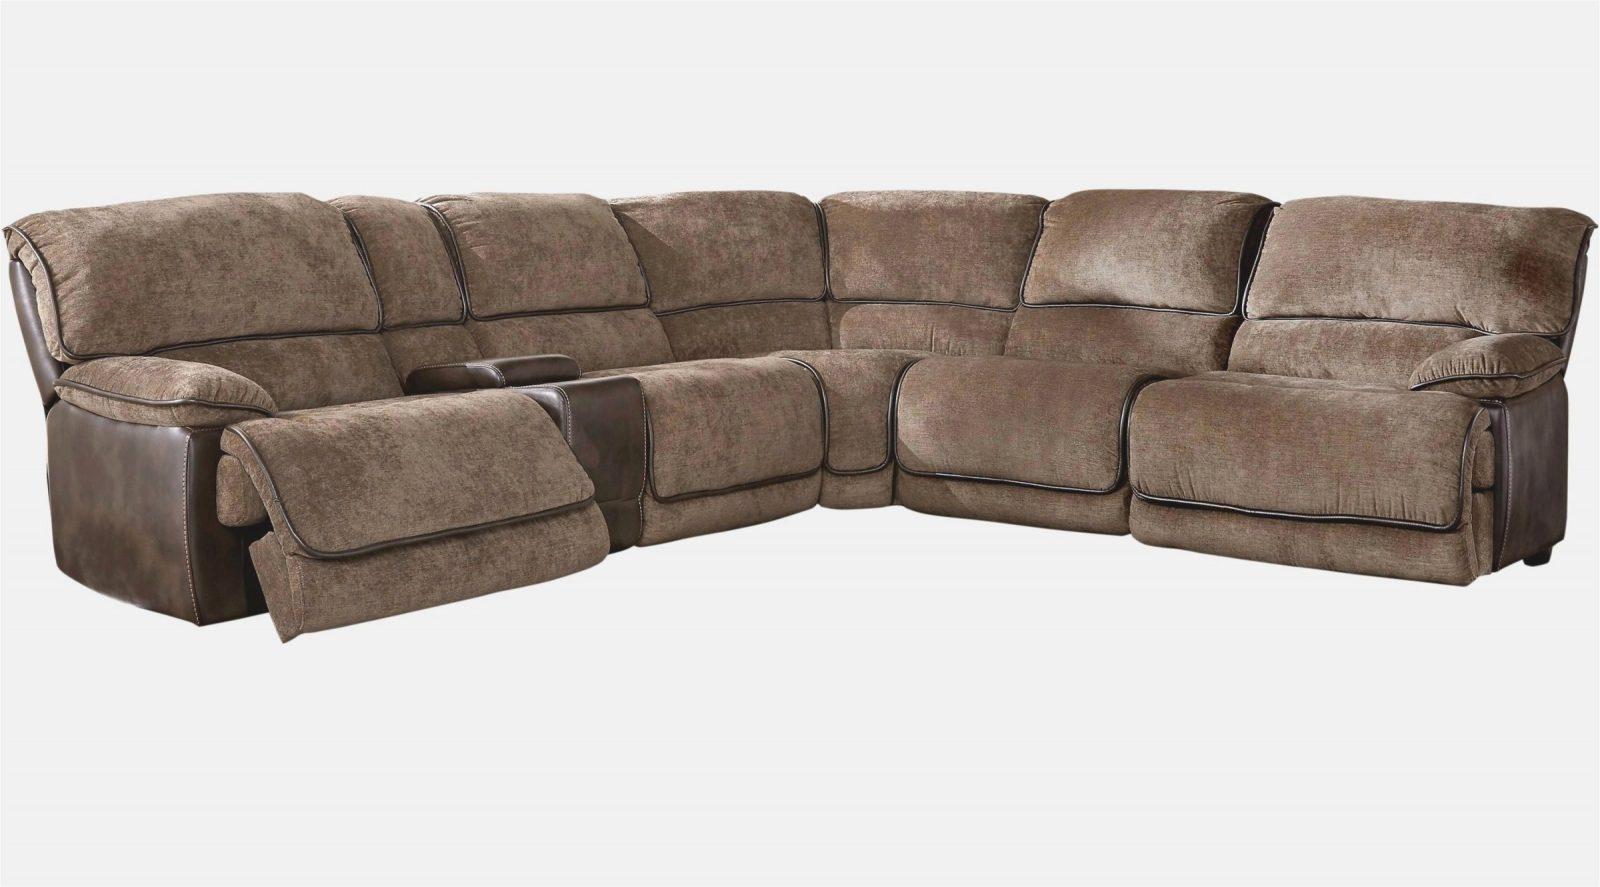 Sofa Selbst Beziehen Luxus Schlafsofa Rund Elegant Couch Neu Für von Sofa Selbst Neu Beziehen Photo